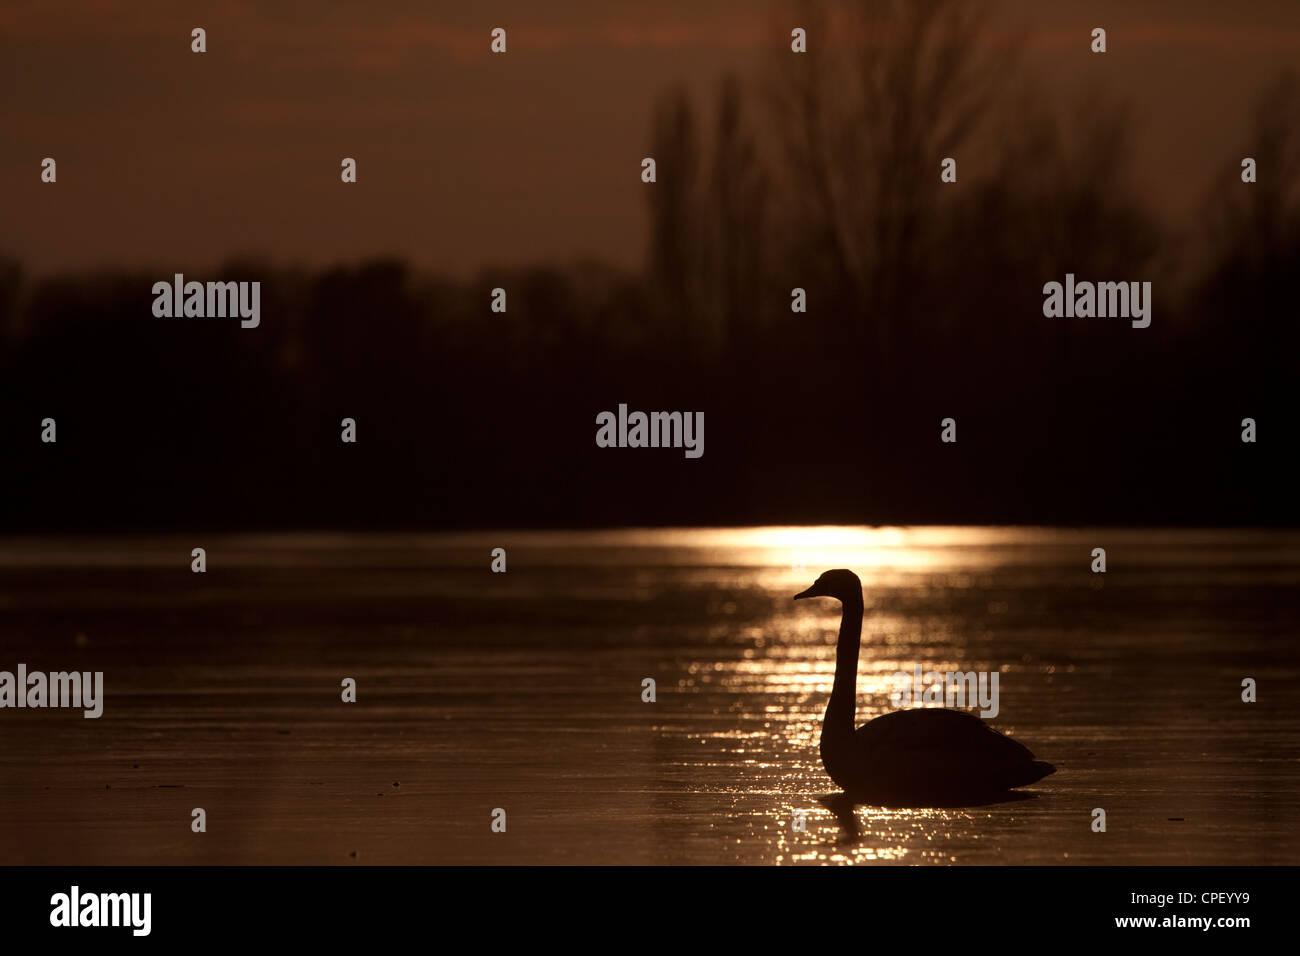 Schwan auf einem zugefrorenen See bei Sonnenuntergang. Kraaijenbergse Plassen, Niederlande. Stockbild